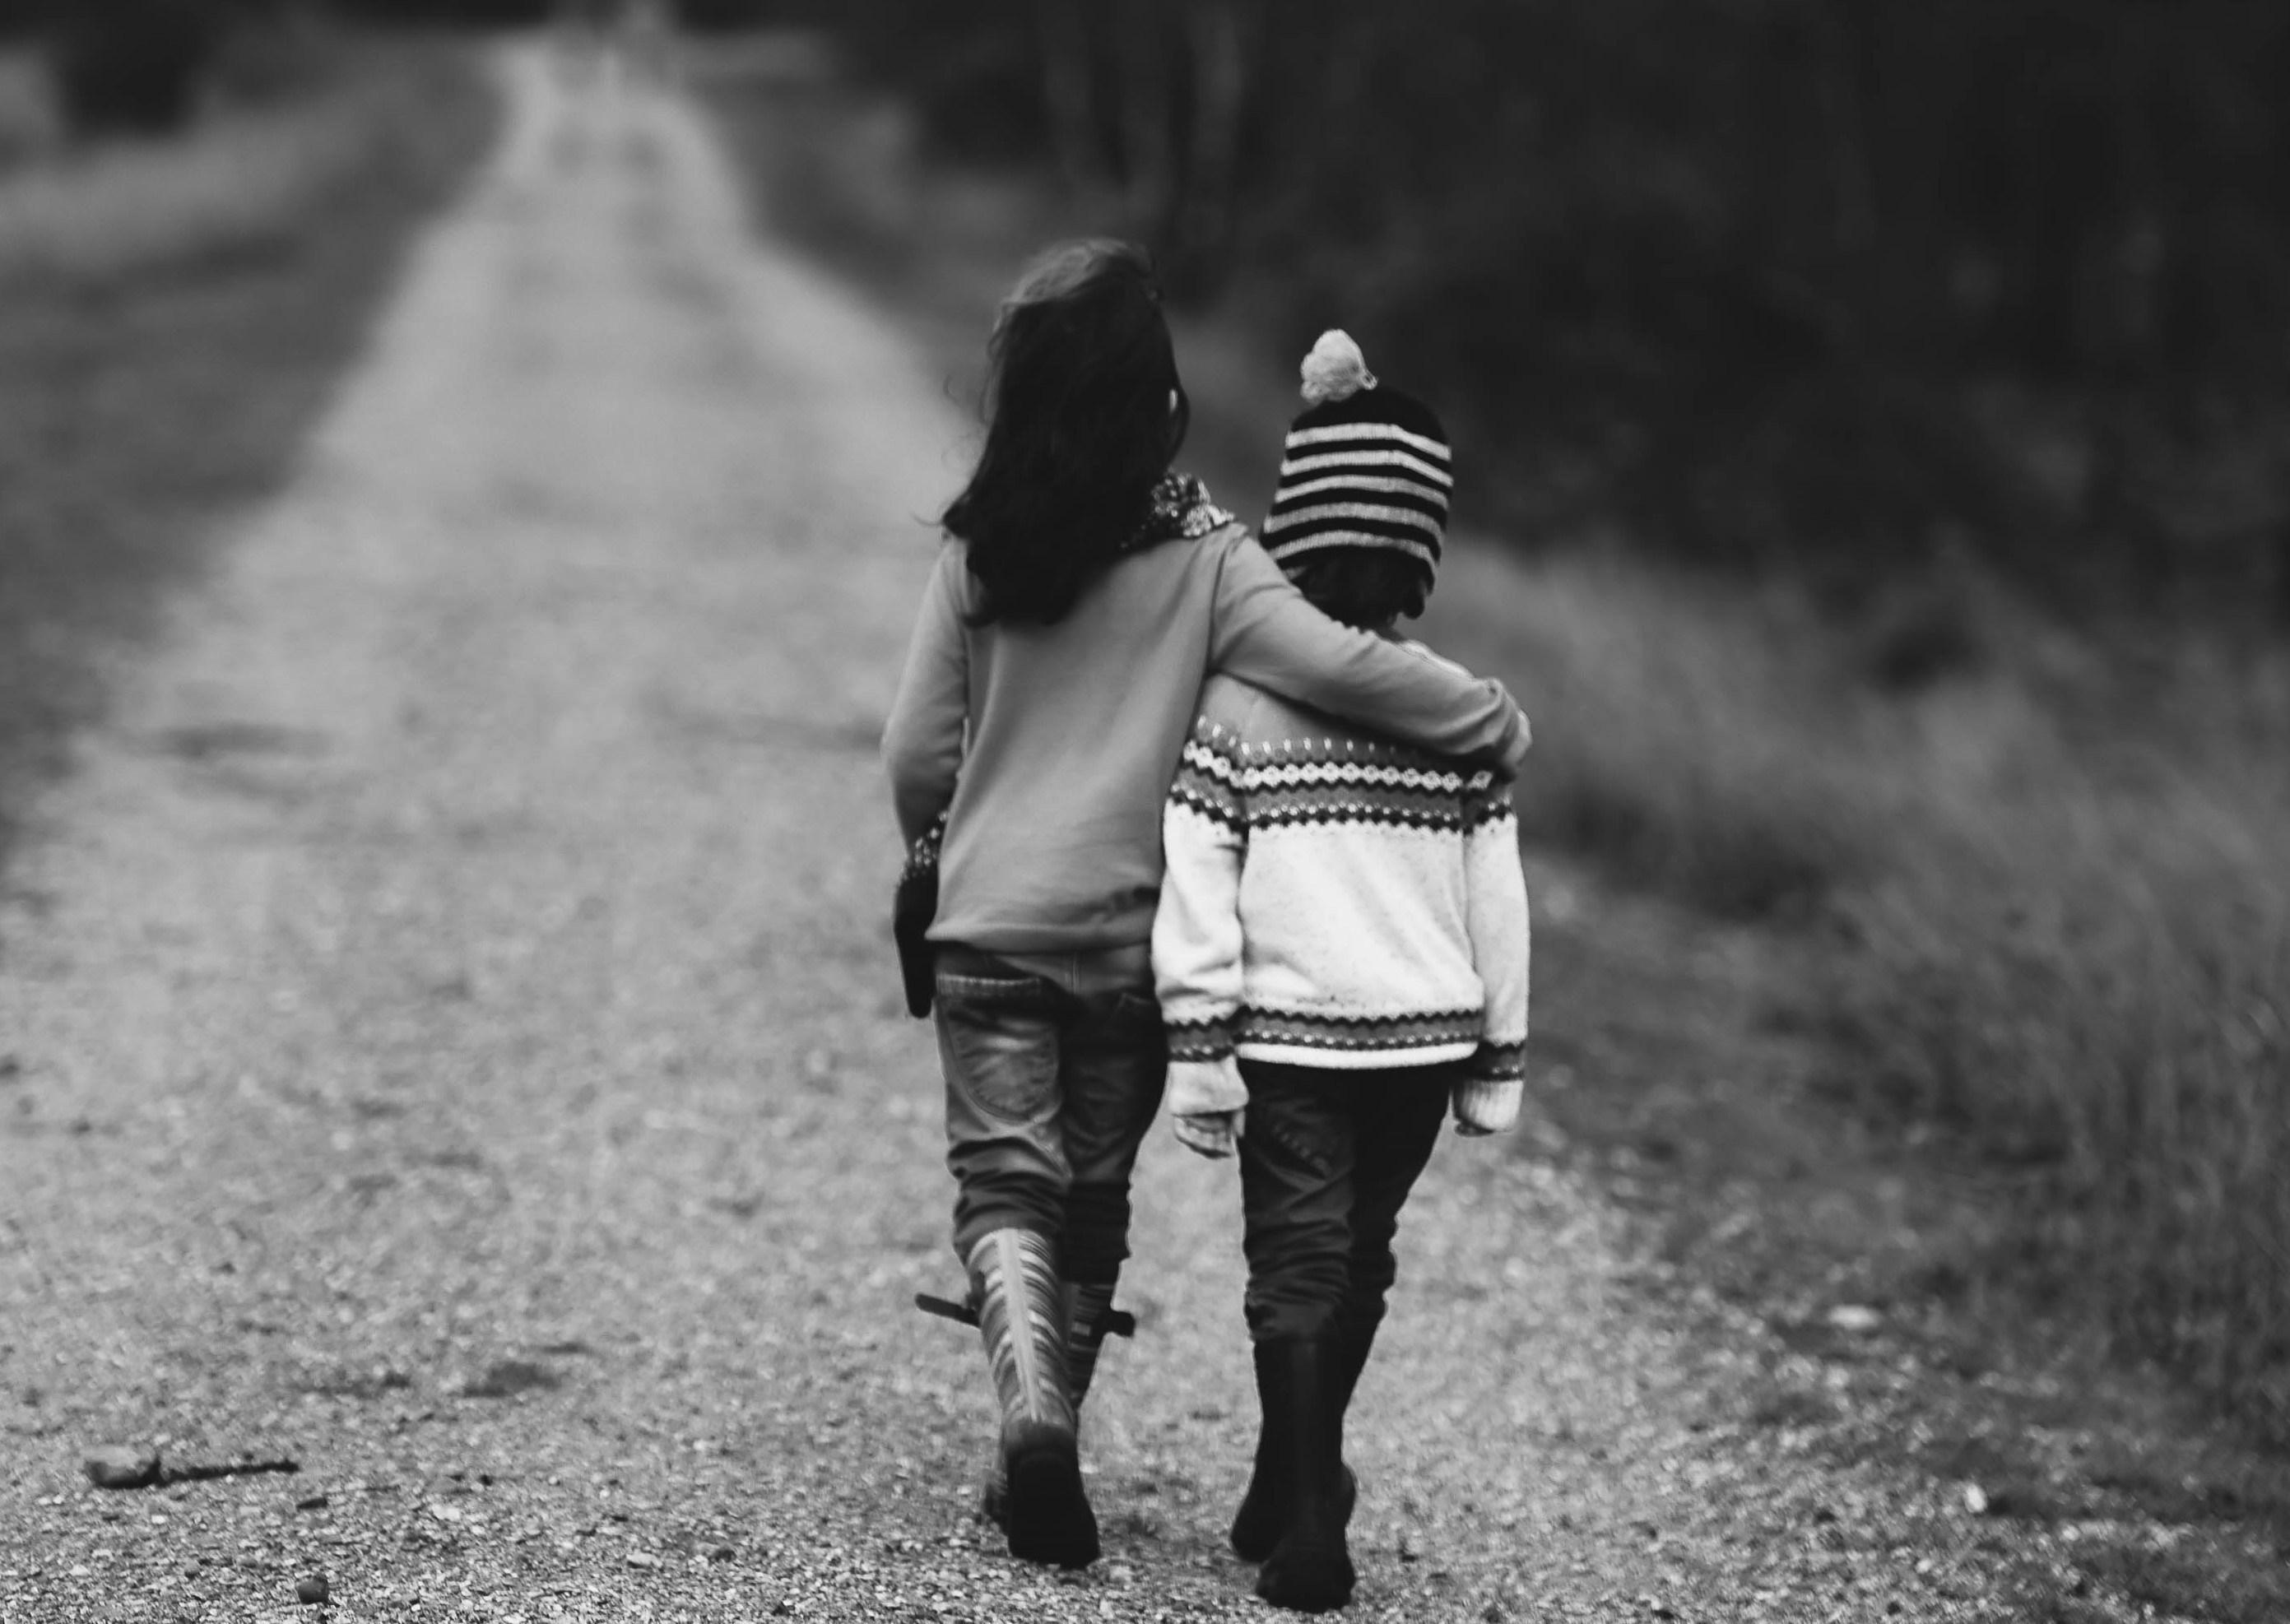 Interés superior de los niños y adolescentes